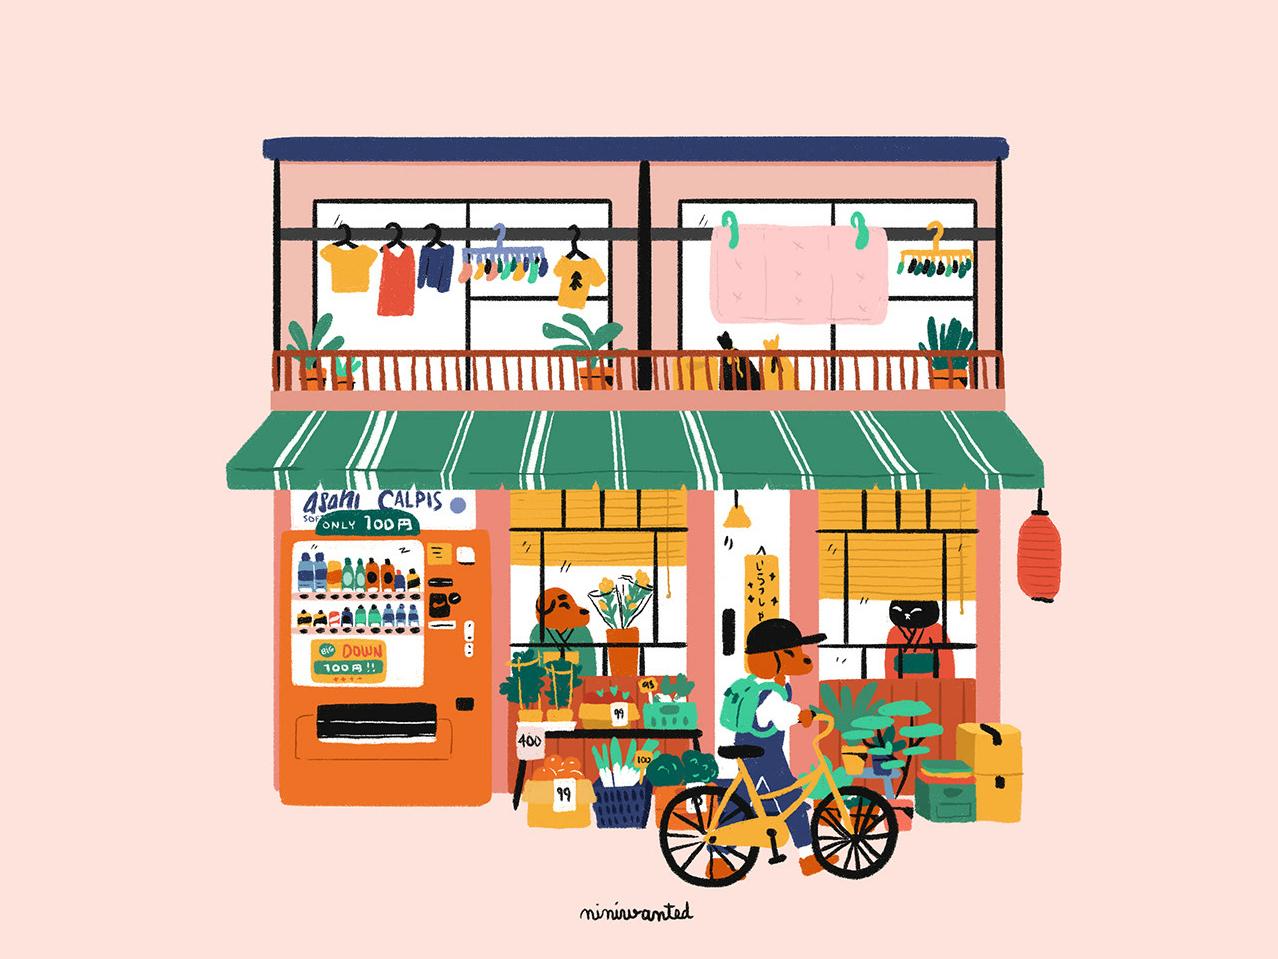 Japanese Neighborhood characters bike vending machine japanese house house japanese facade japan